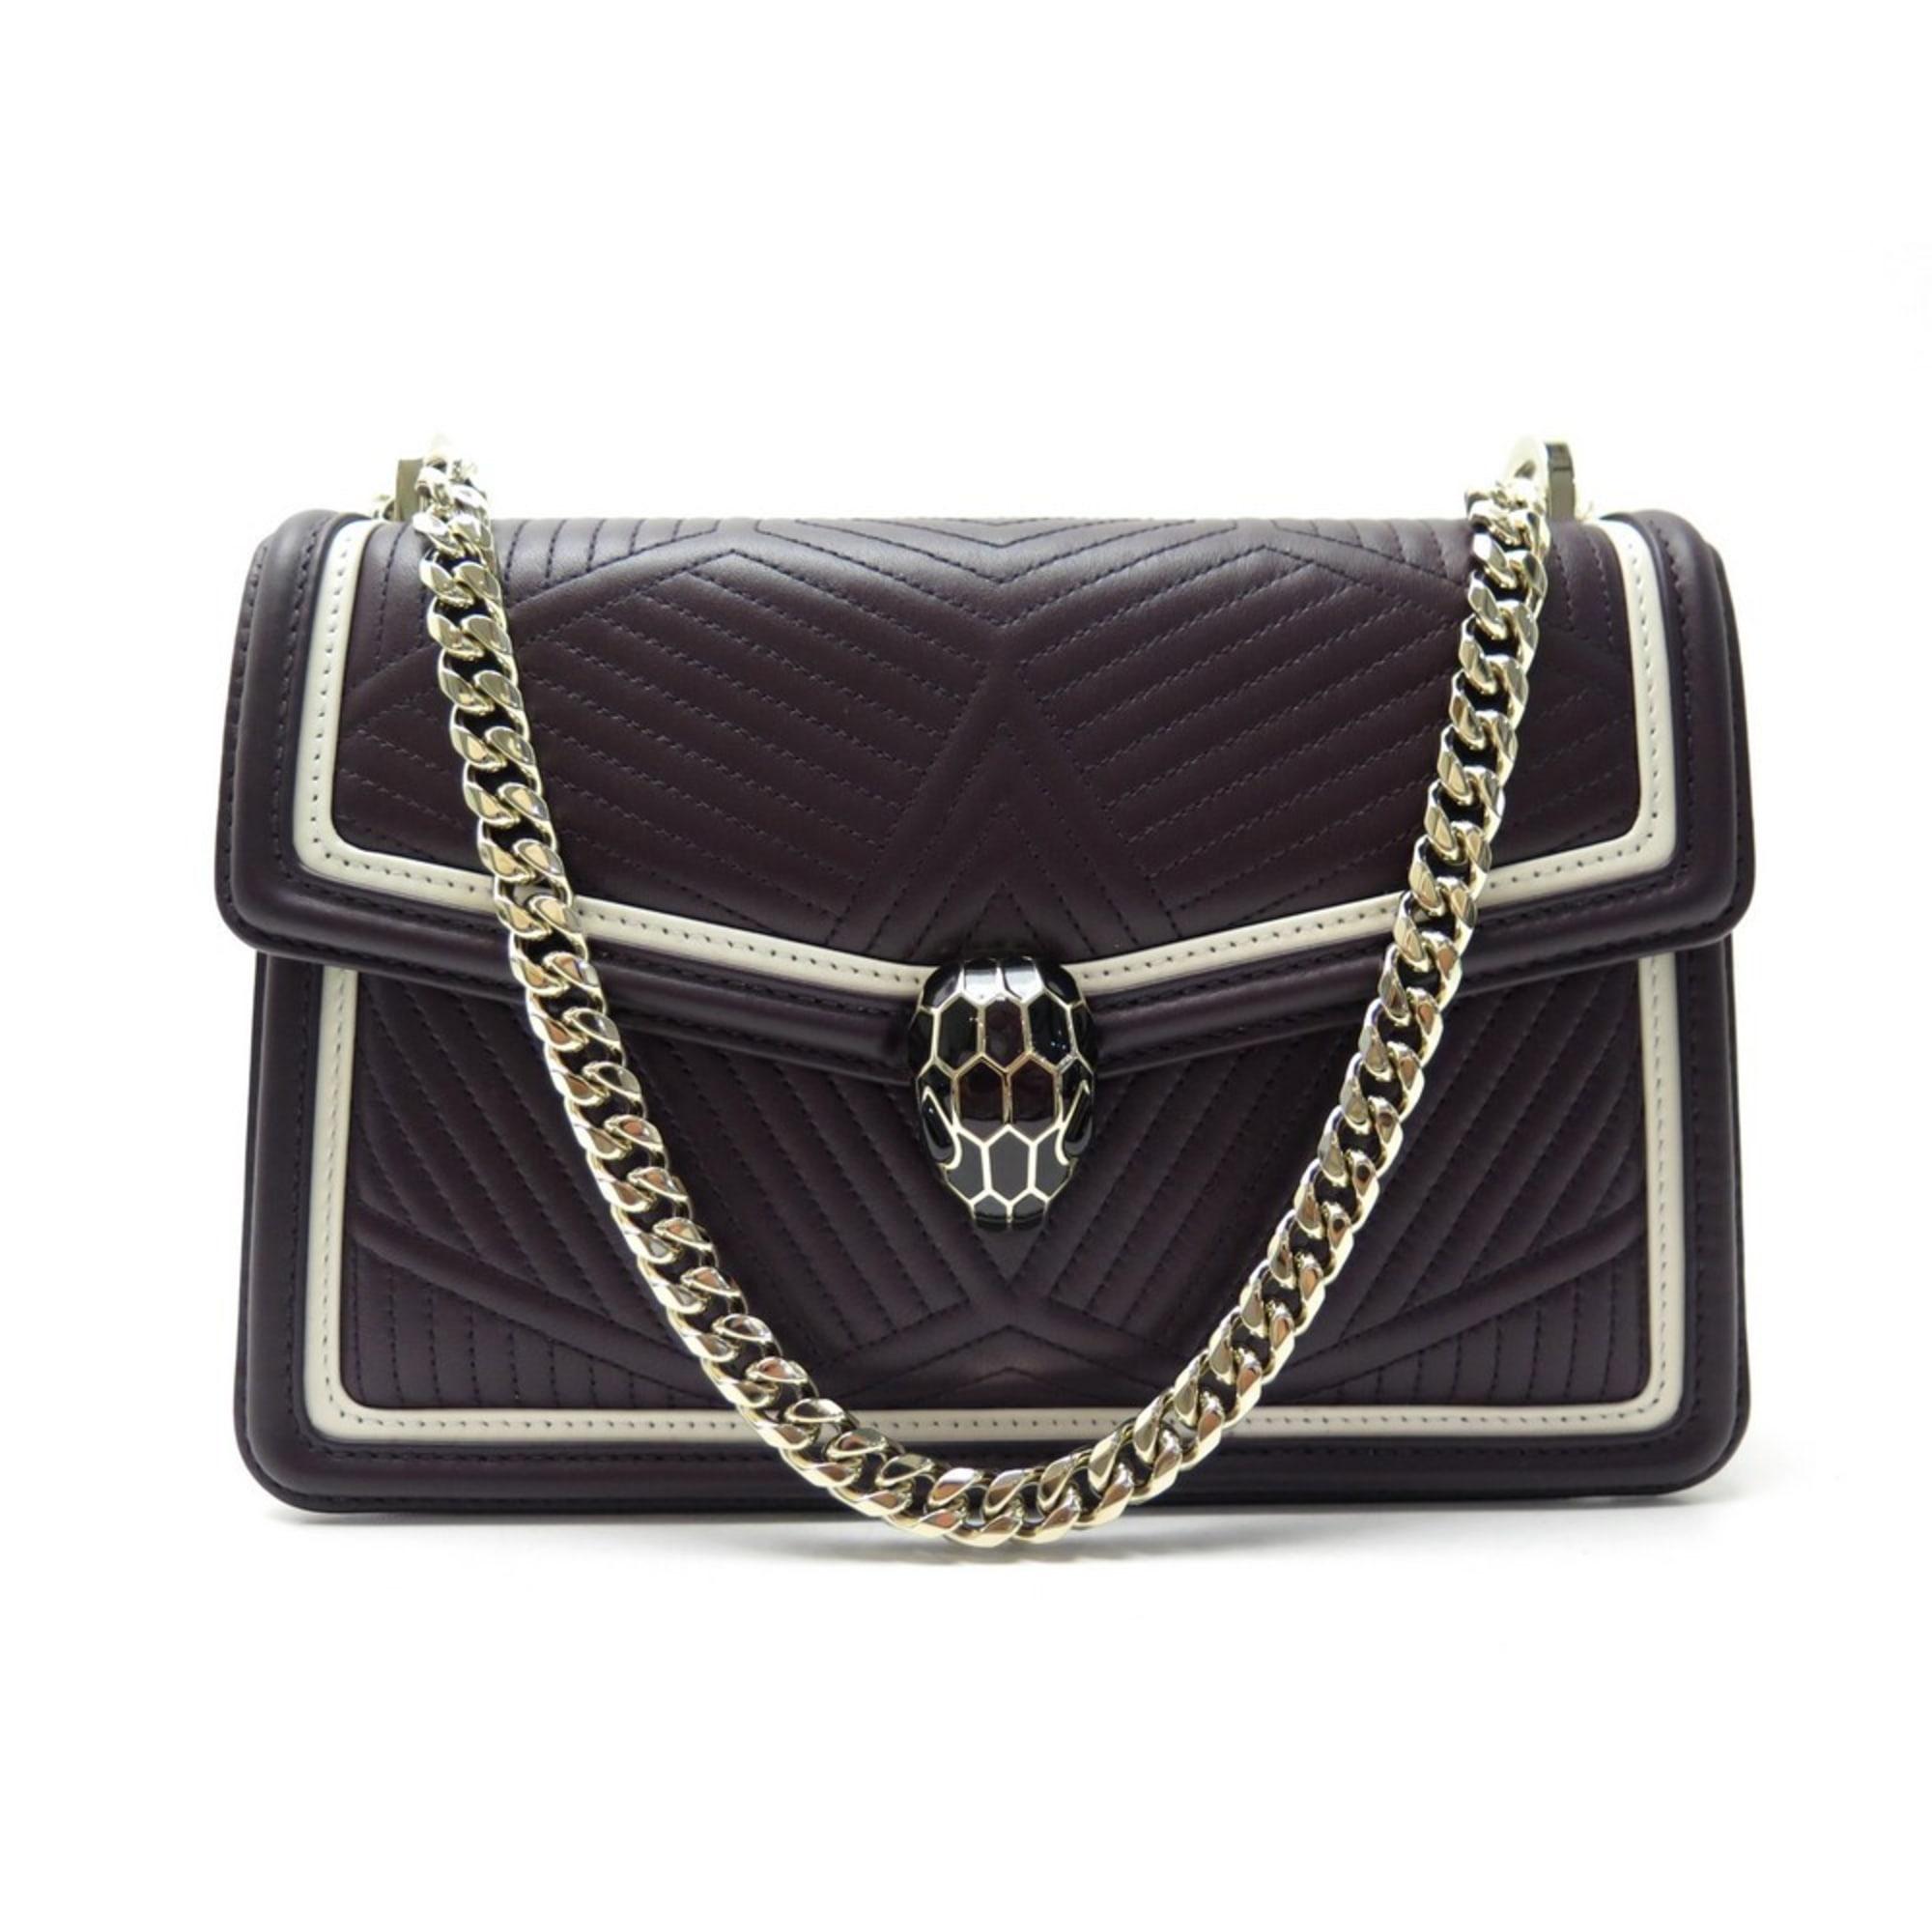 Leather Handbag BULGARI Aubergine